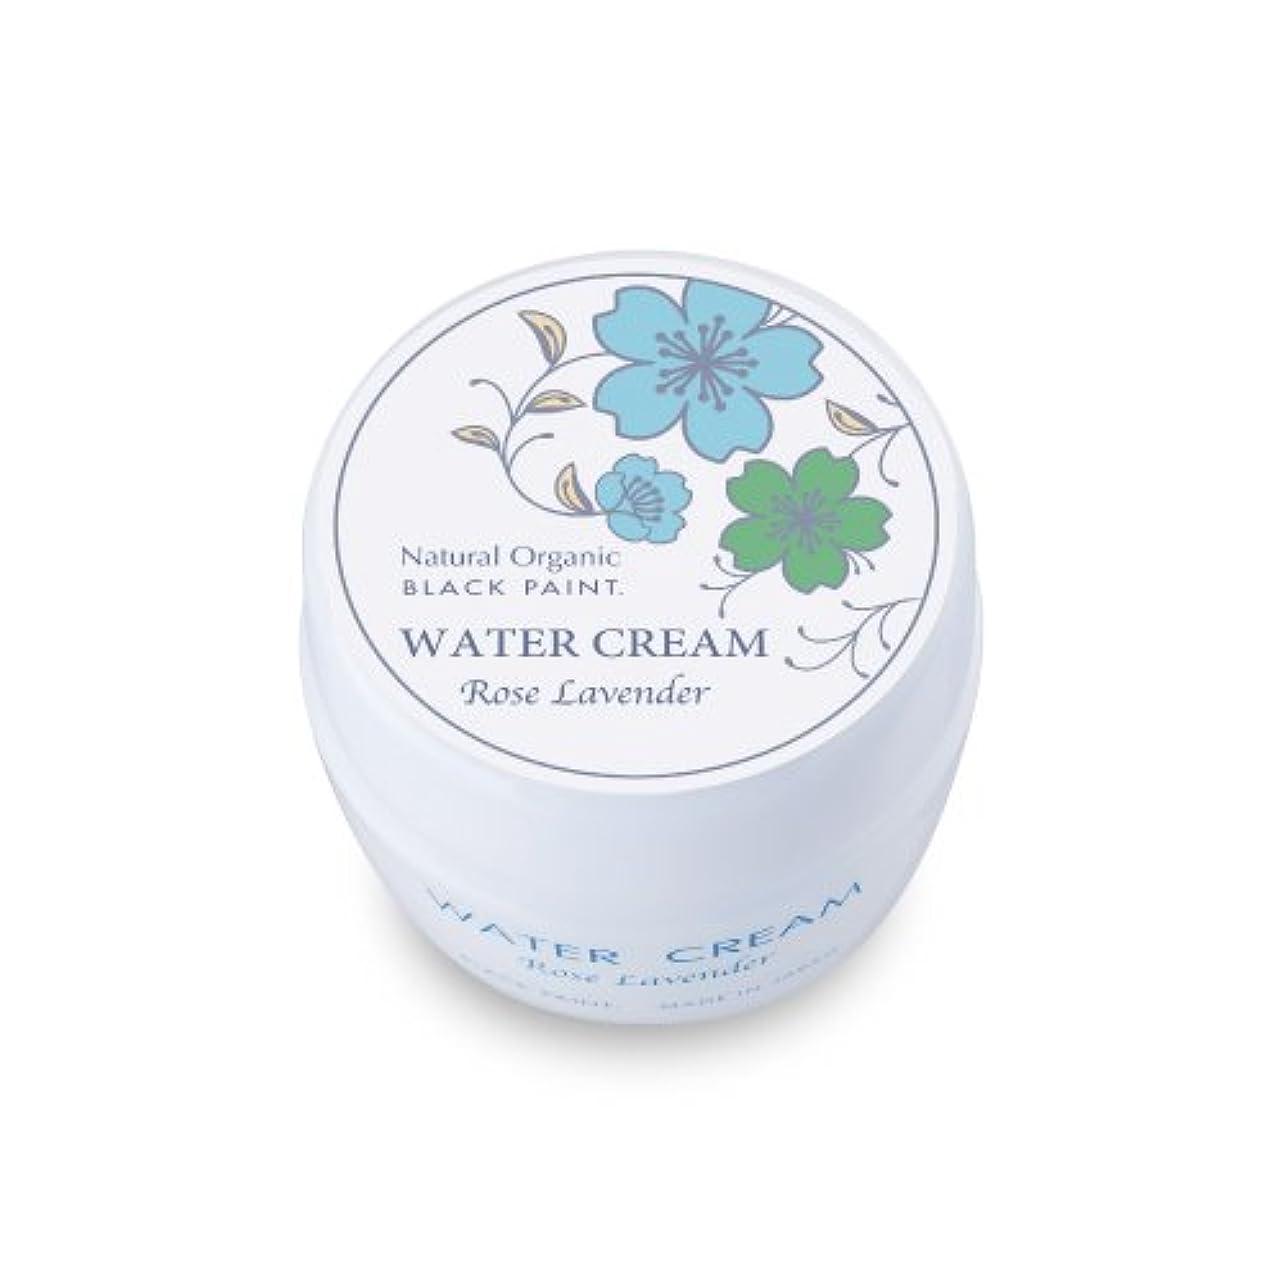 習慣偶然の防止ウォータークリーム ローズラベンダー50g 保湿クリーム